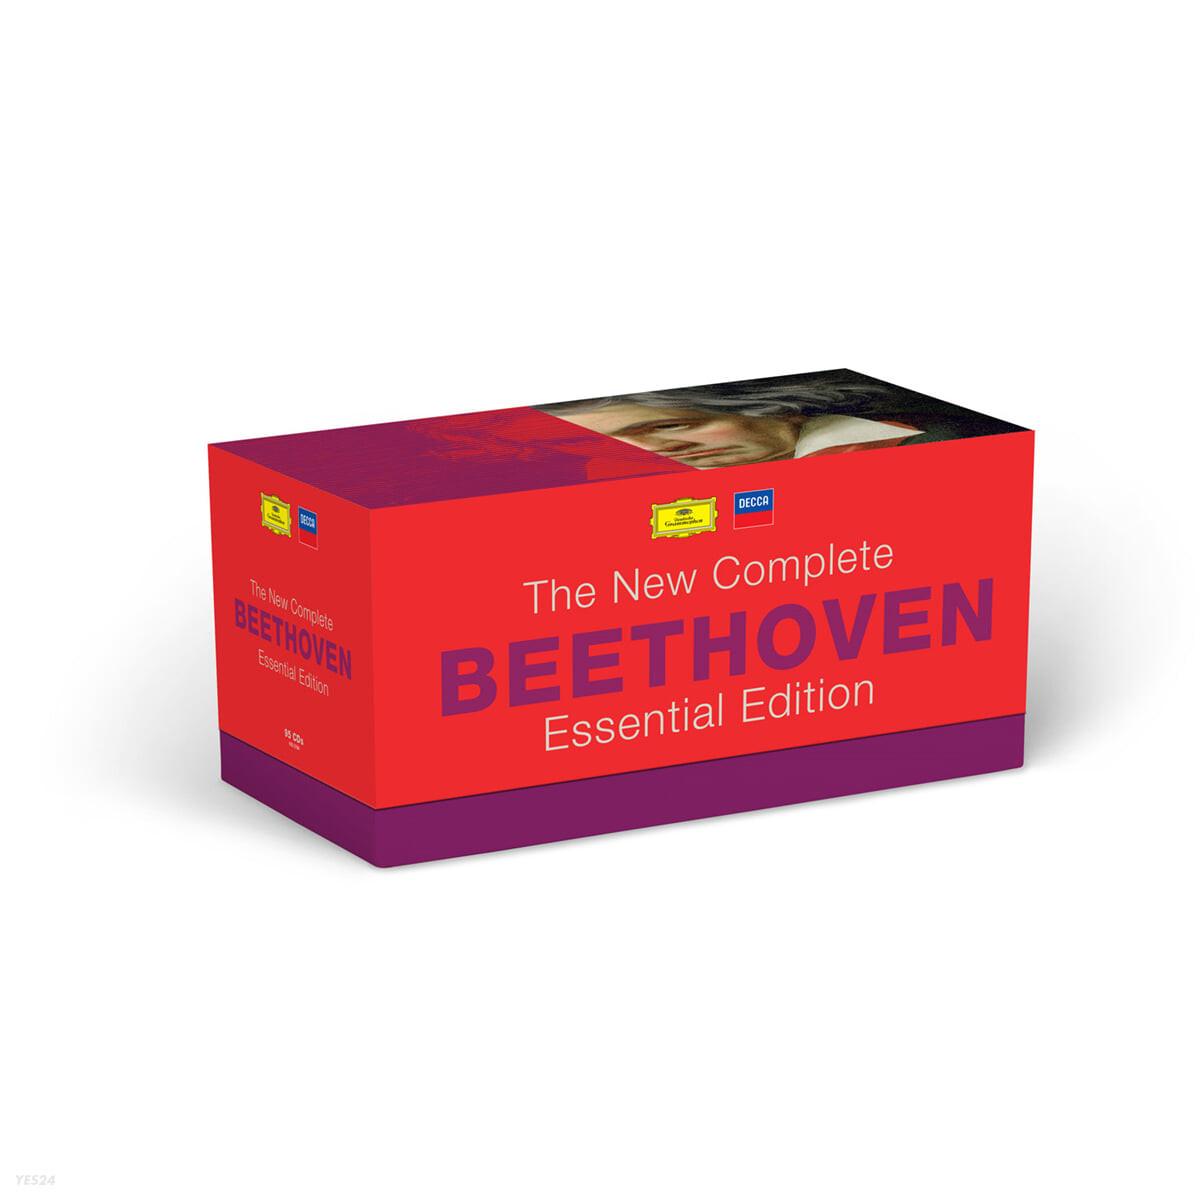 베토벤 작품 전집 (BEETHOVEN - The New Complete Essential Edition)